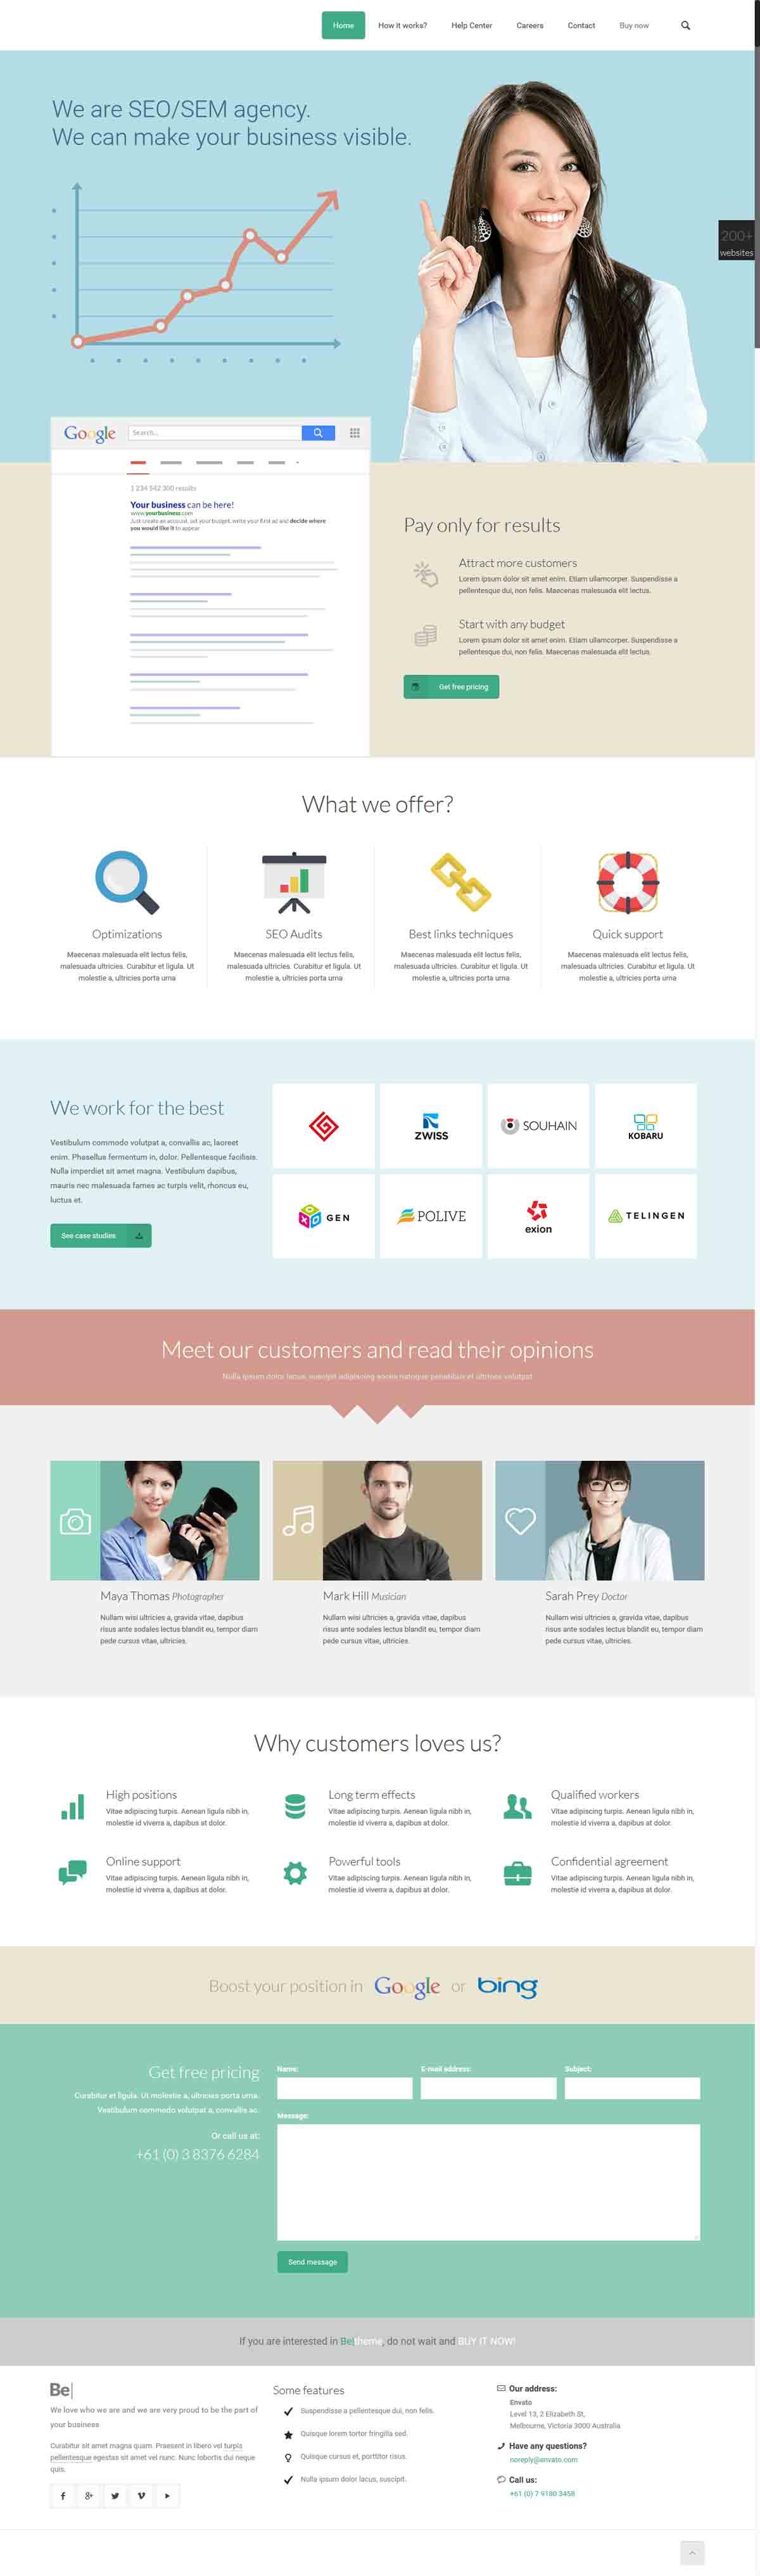 طراحی وب سایت سئو